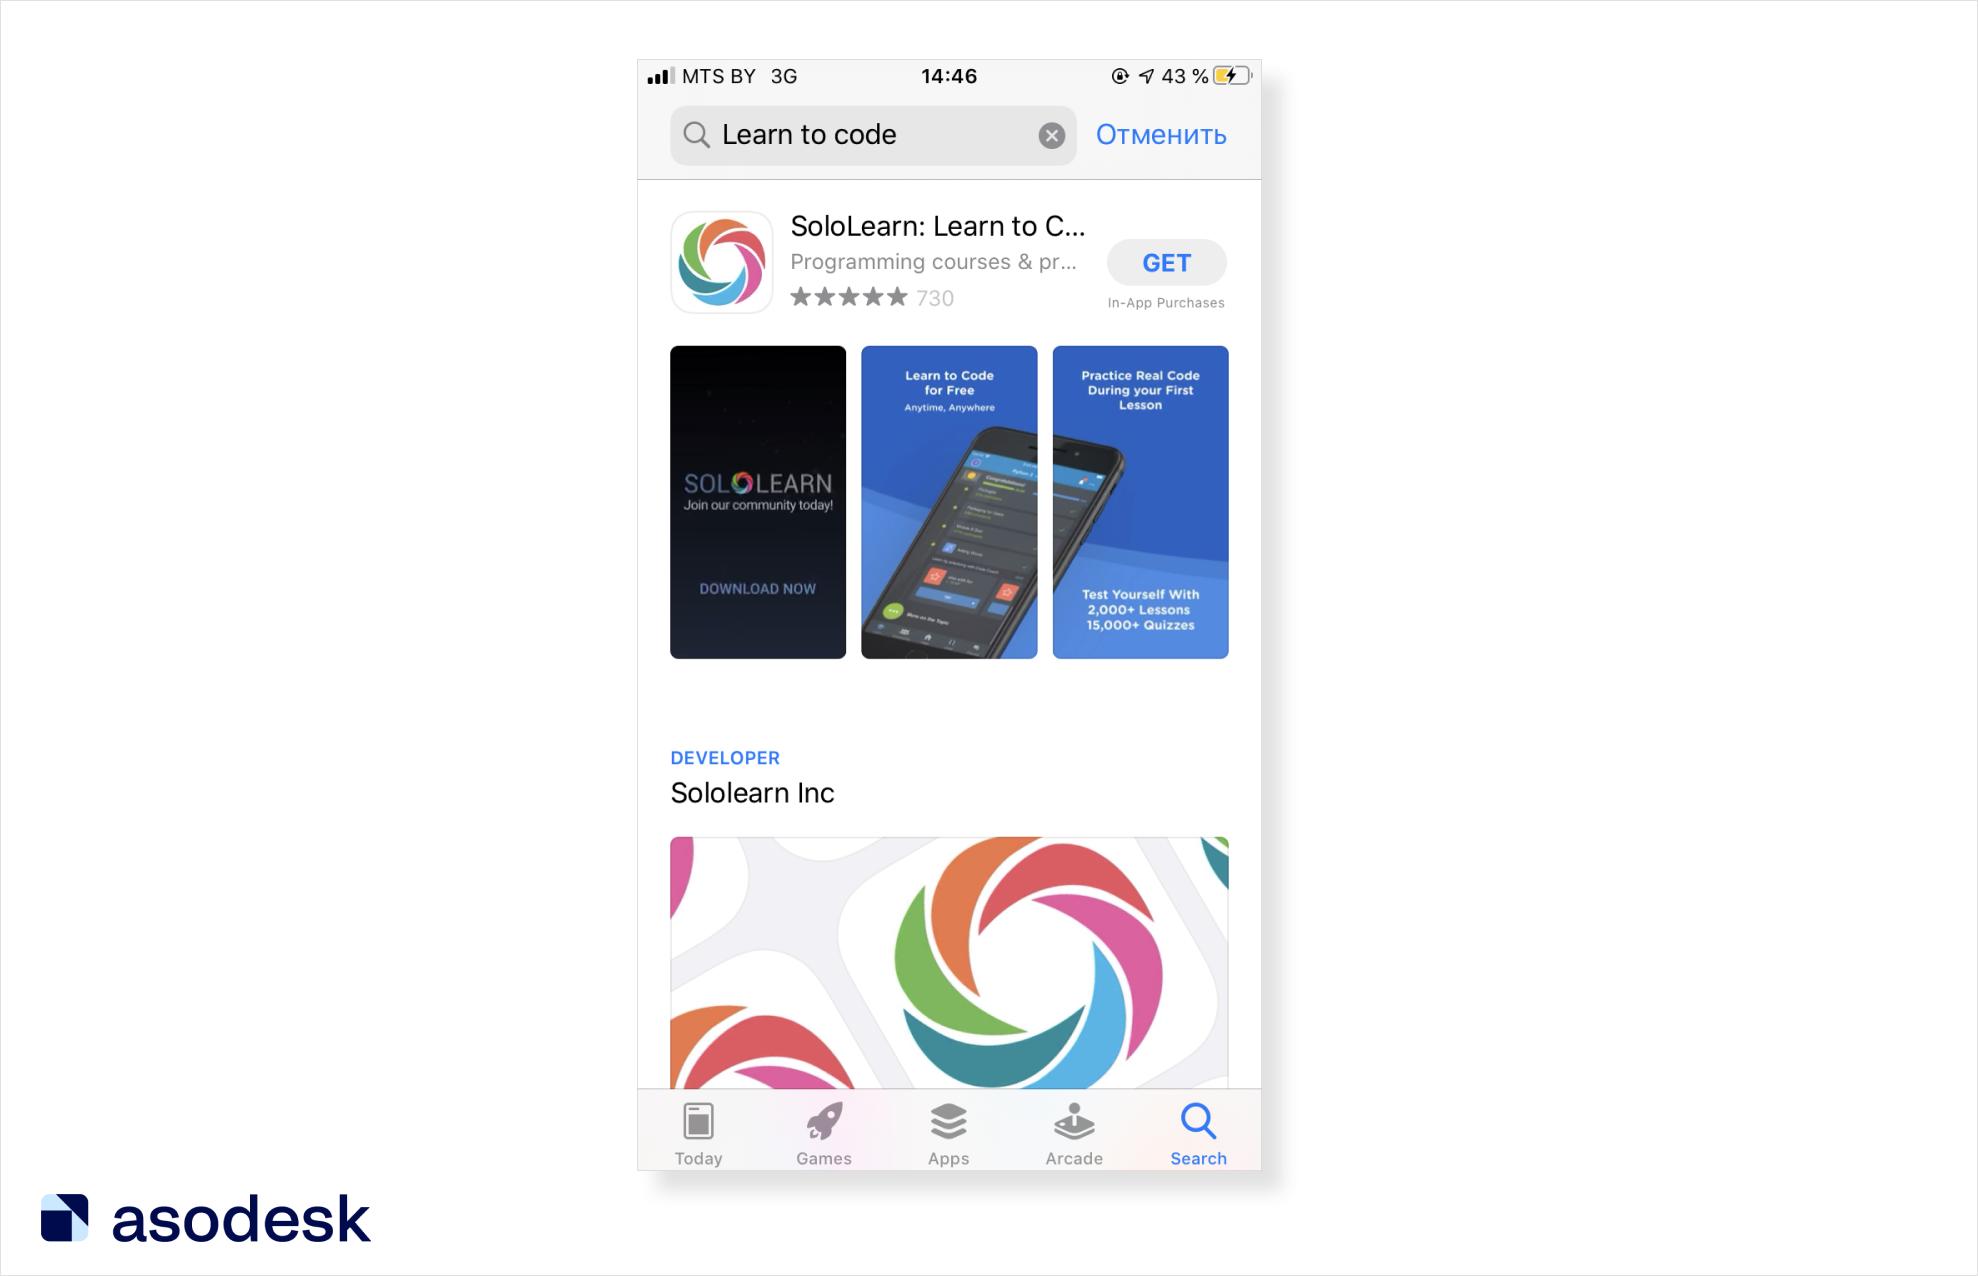 Поисковая выдача по запросу «learn to code» в App Store